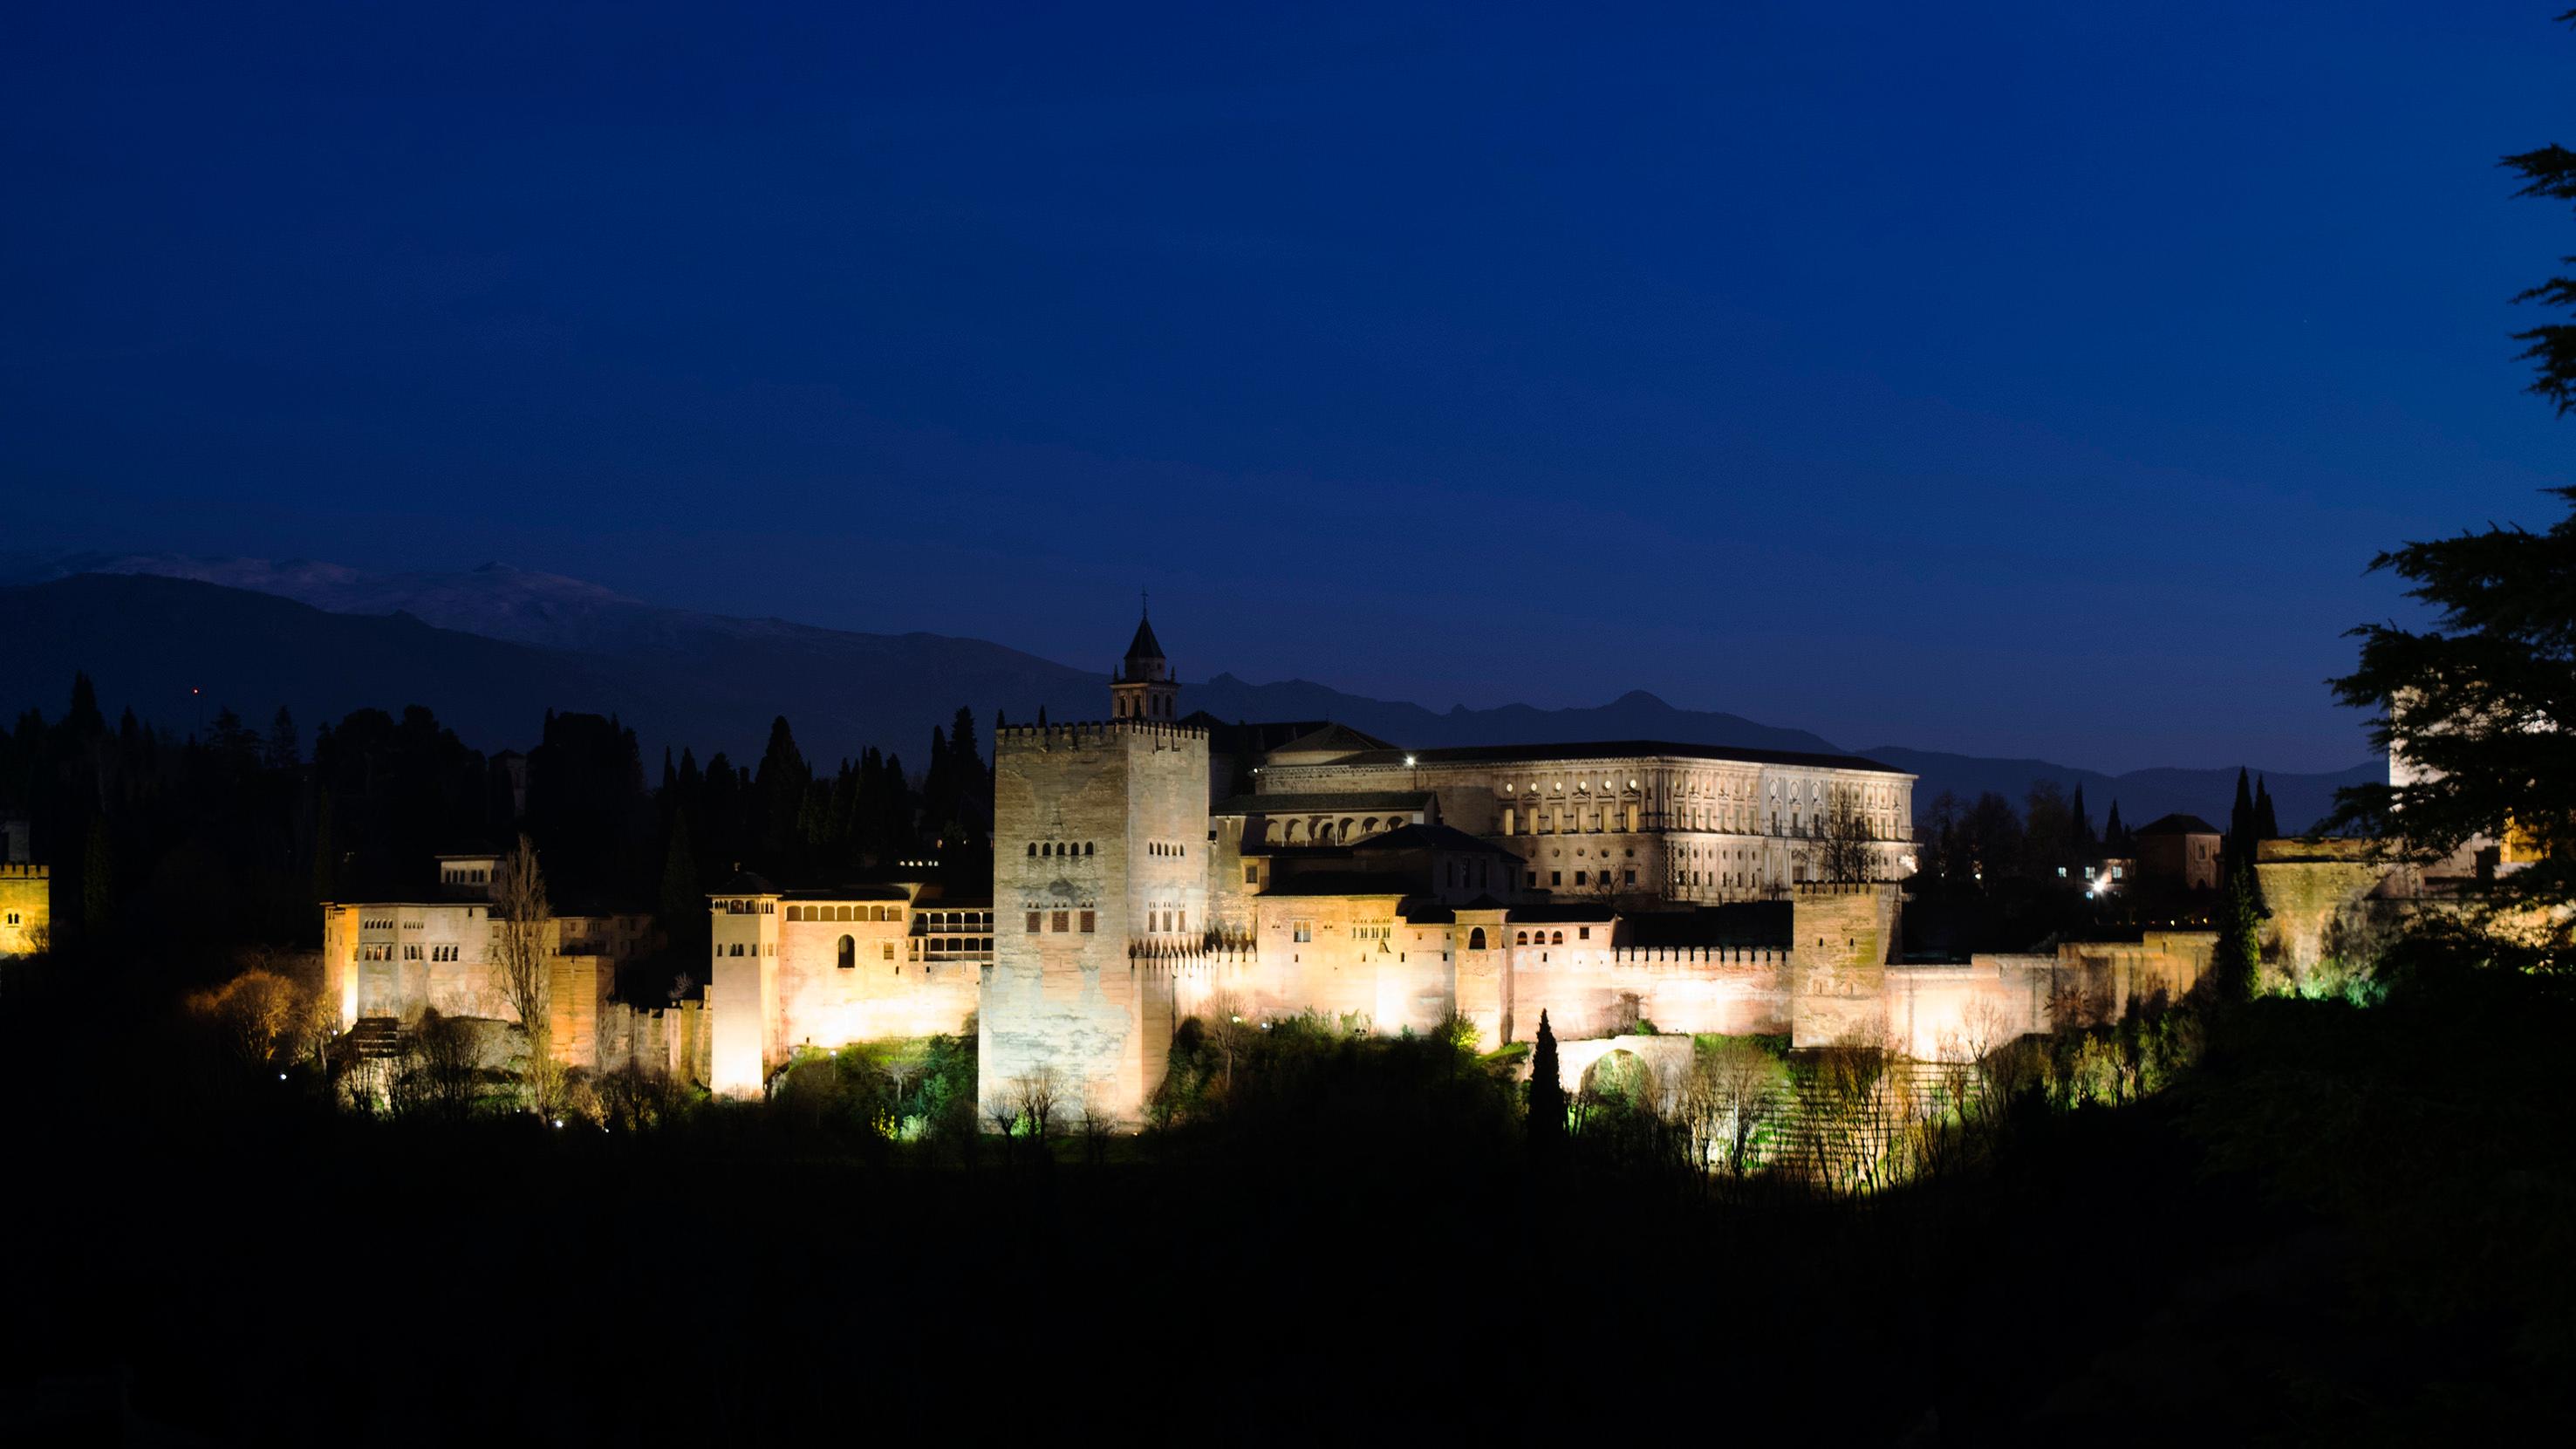 에필로그 - 늦기 전에 떠난 스페인, 포르투갈 여행